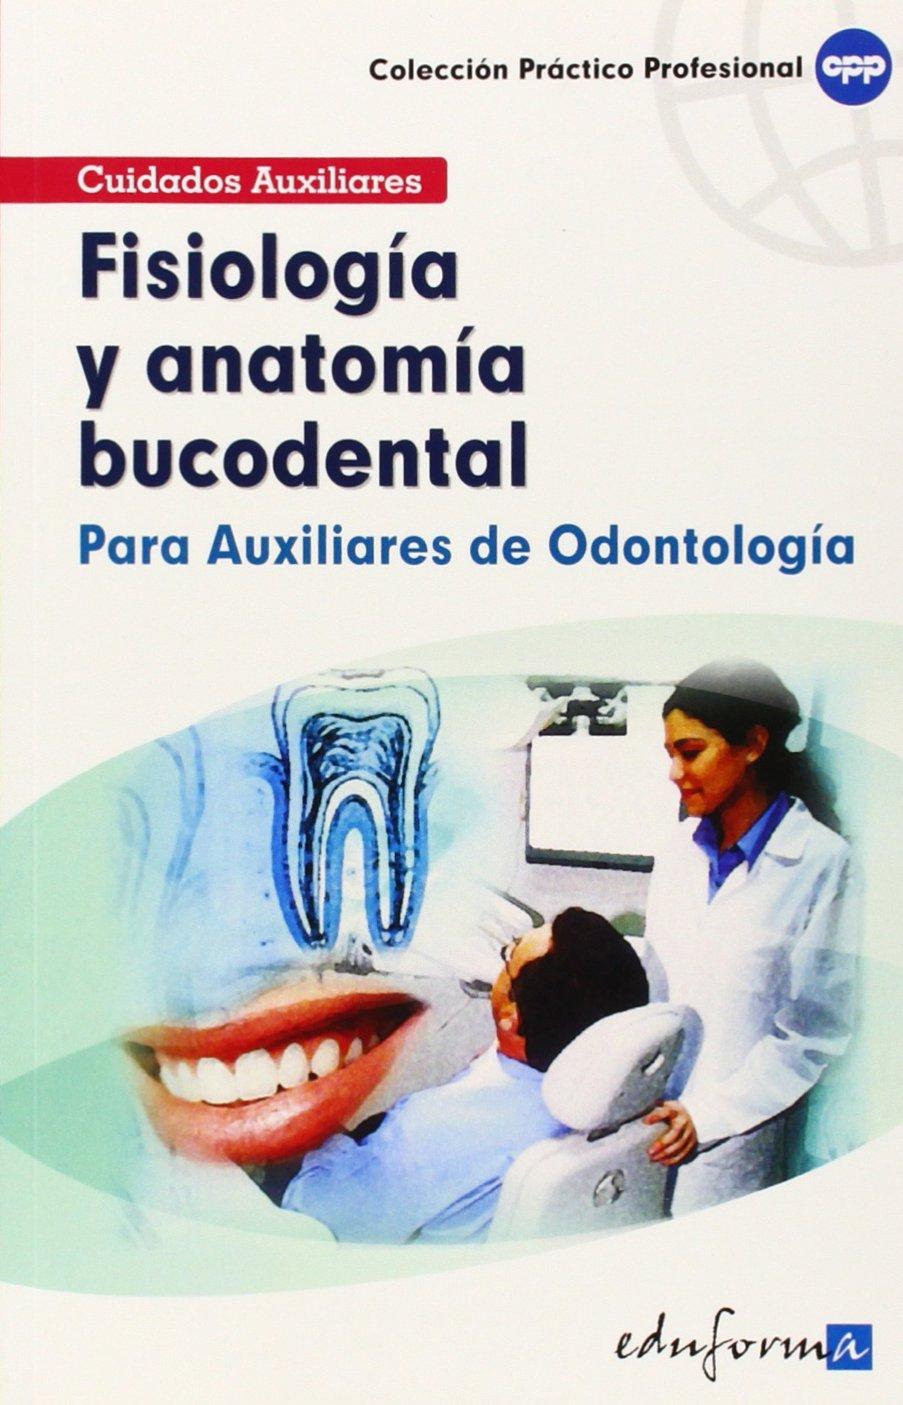 FISIOLOGÍA Y ANATOMÍA BUCODENTAL PARA AUXILIARES DE ODONTOLOGÍA (Spanish Edition)